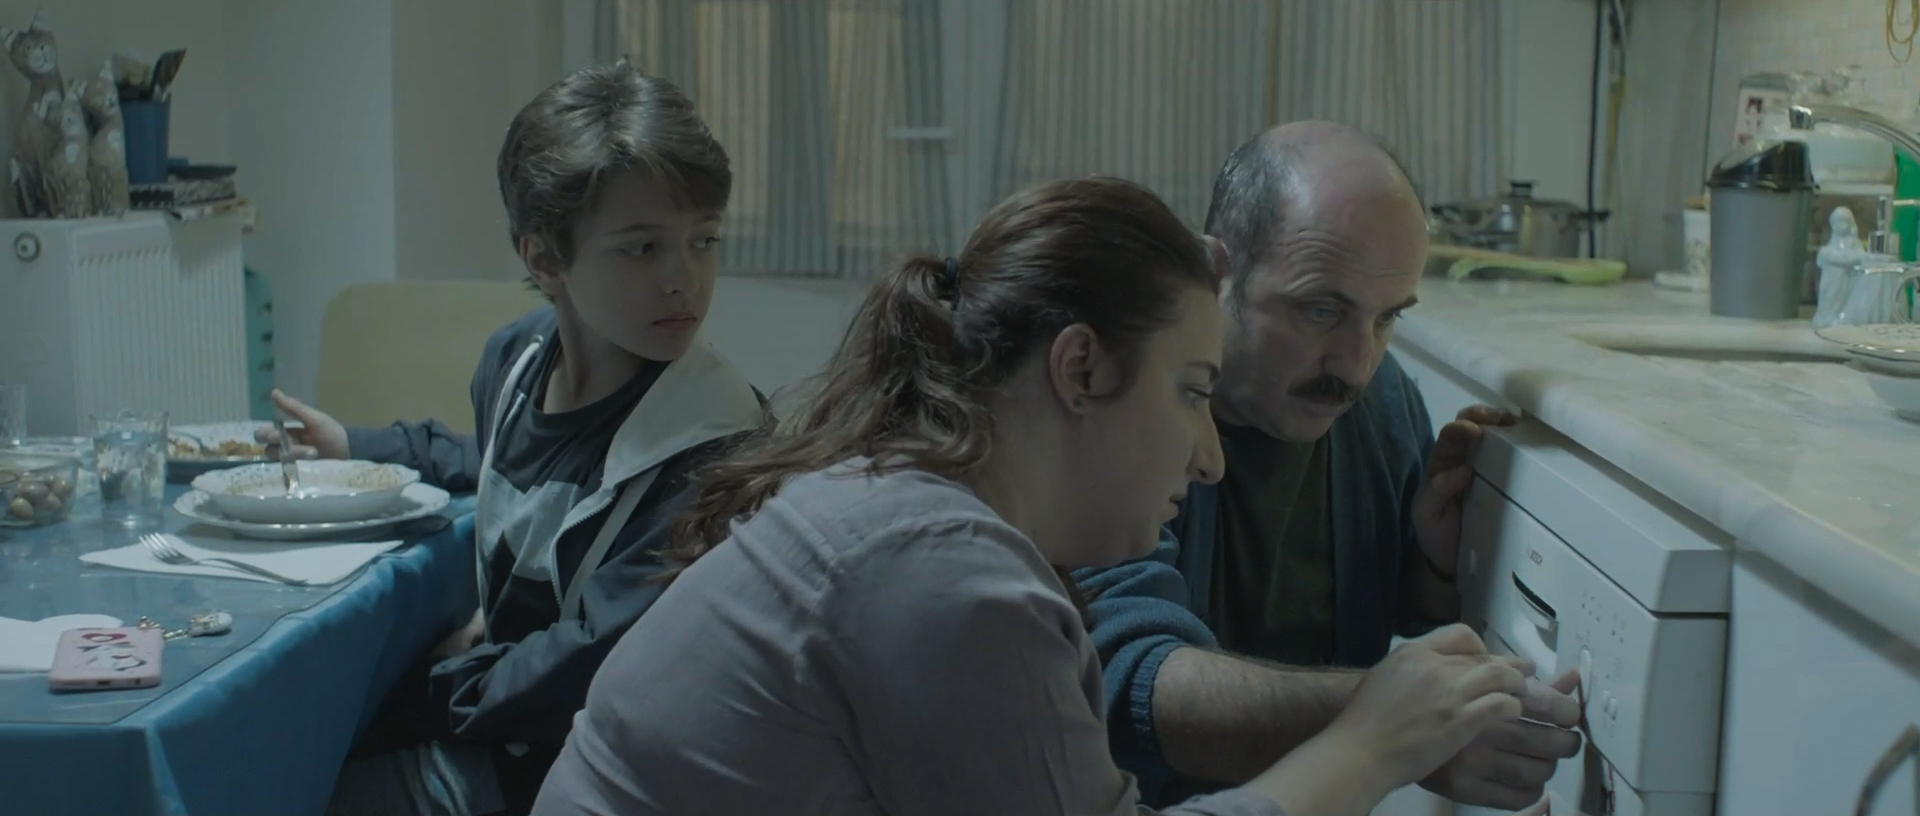 8. Boğaziçi Film Festivali Biletleri Satışa Çıktı